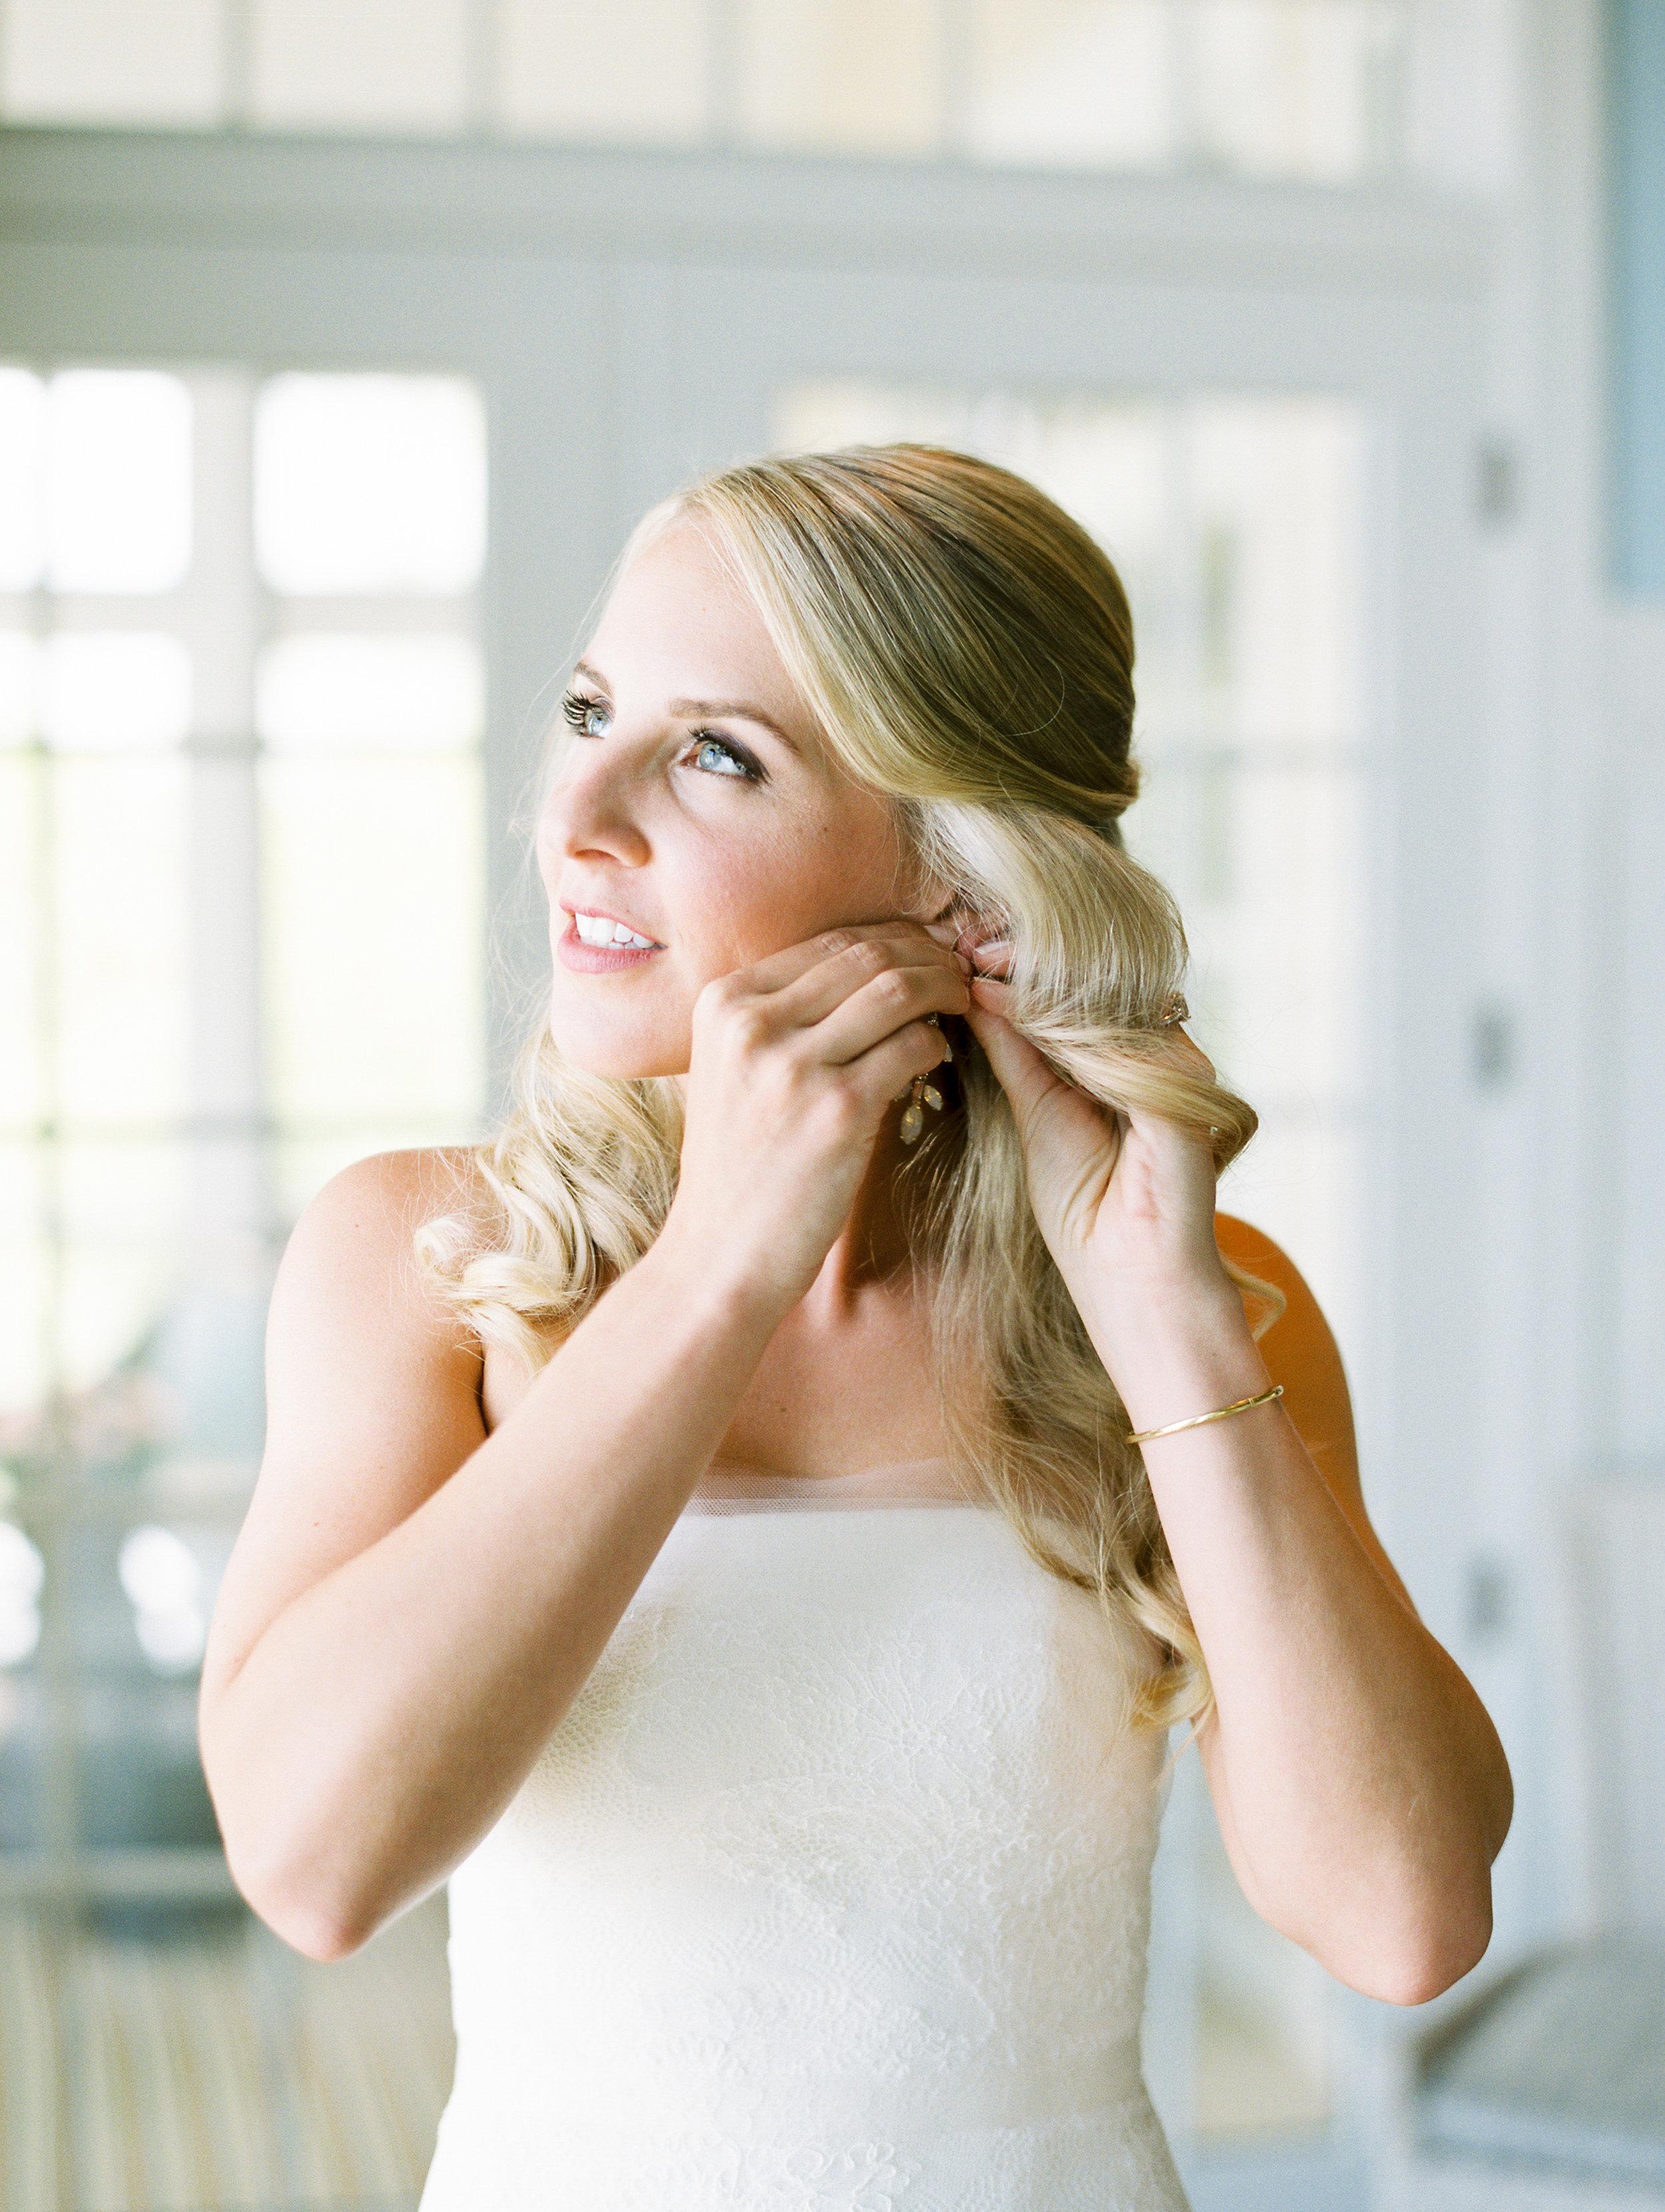 Coffman+Wedding+Getting+Ready+Girls-165.jpg